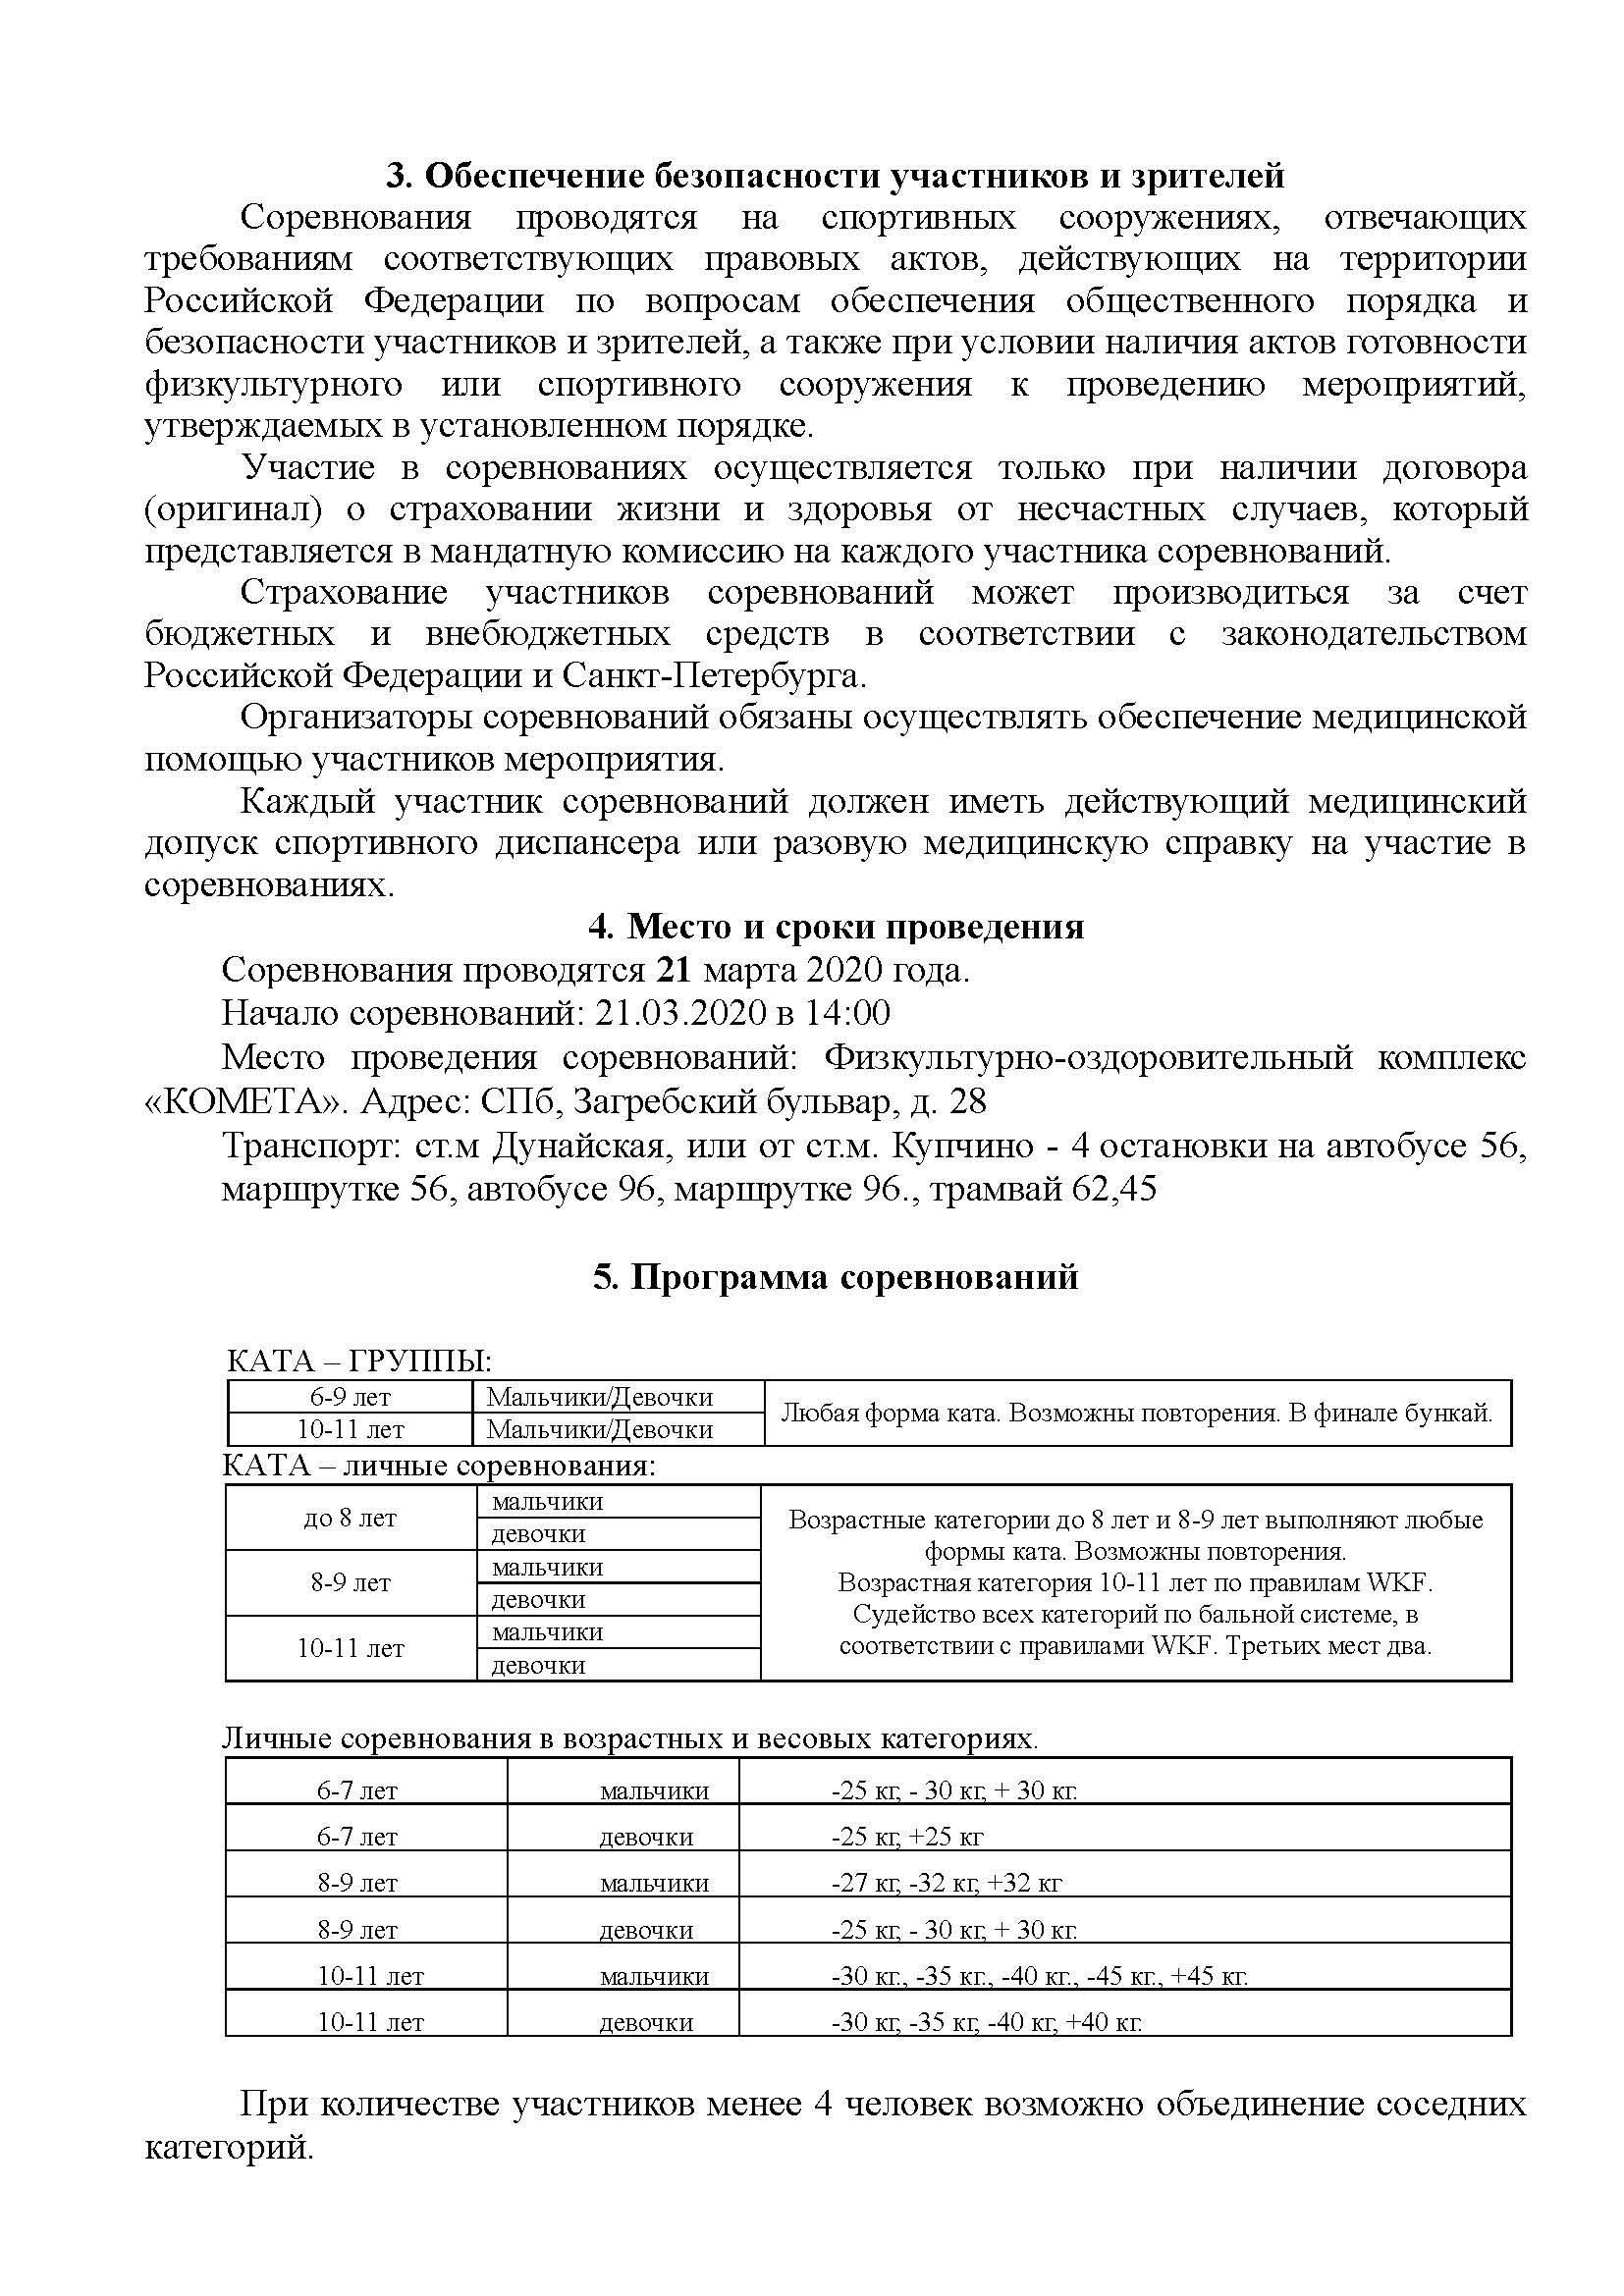 Положение Межрегиональные детские соревнования Петербургская Весна 2020_Страница_2